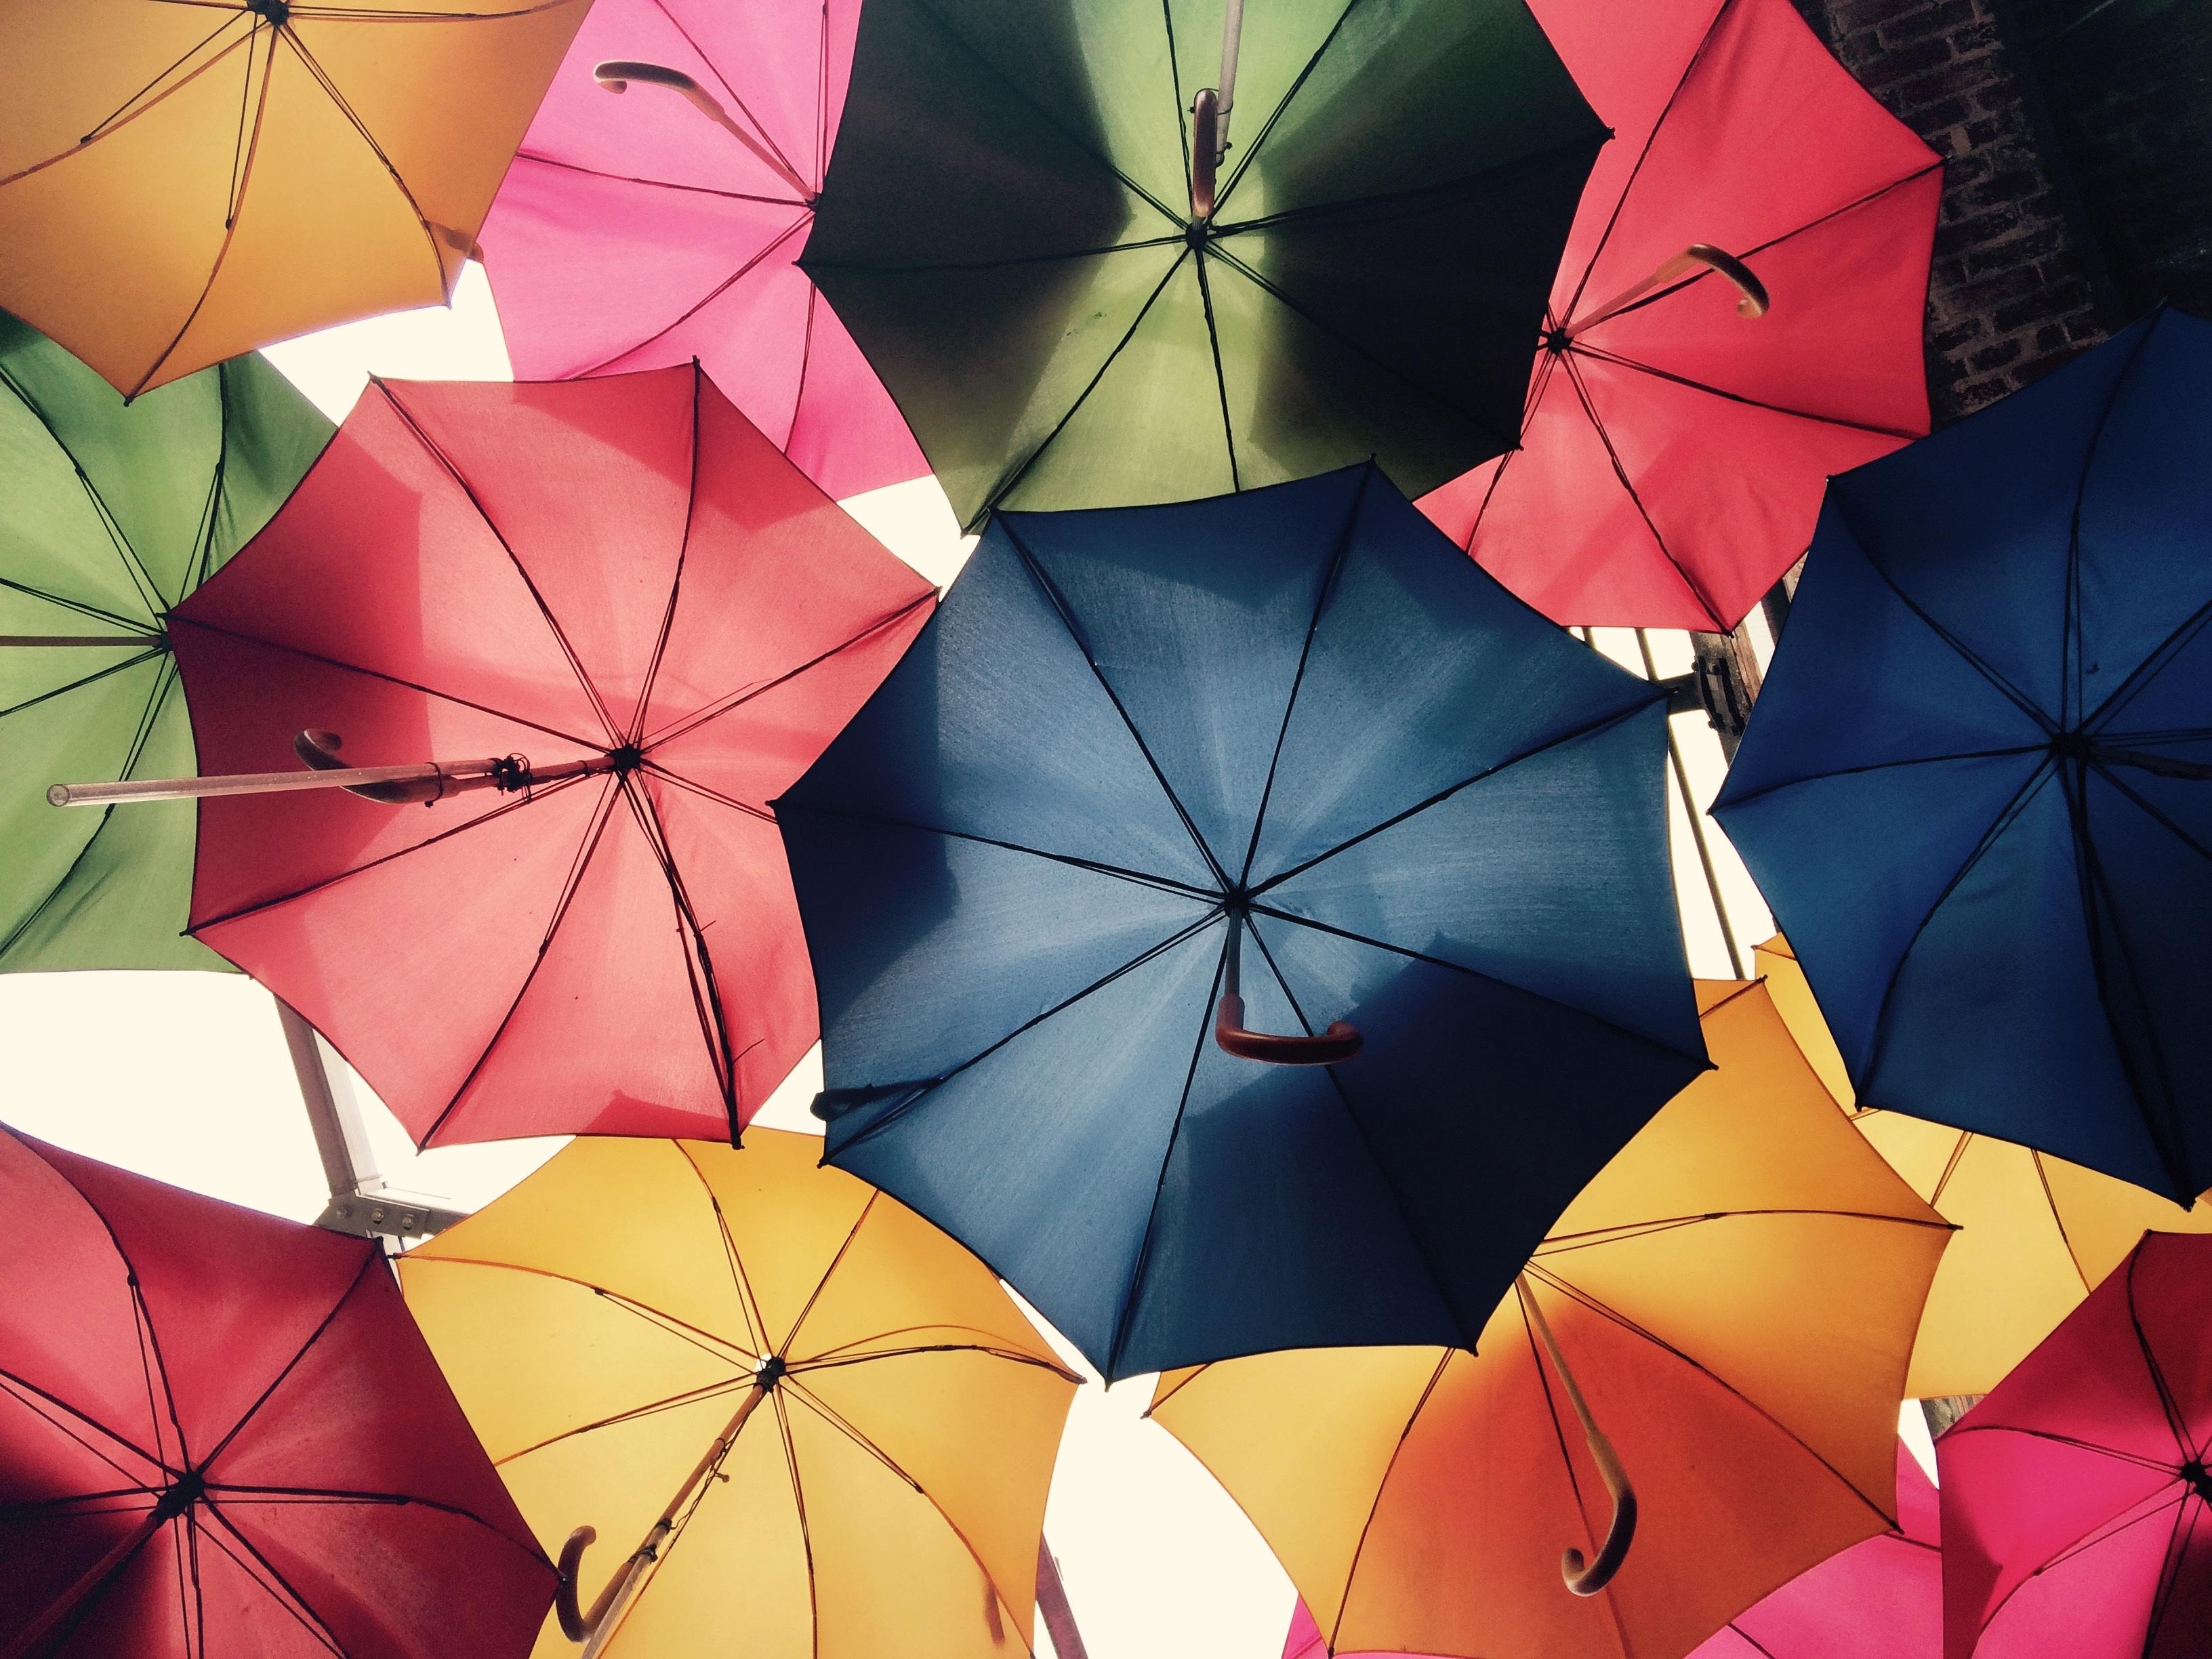 umbrellas-pexels-photo-268941